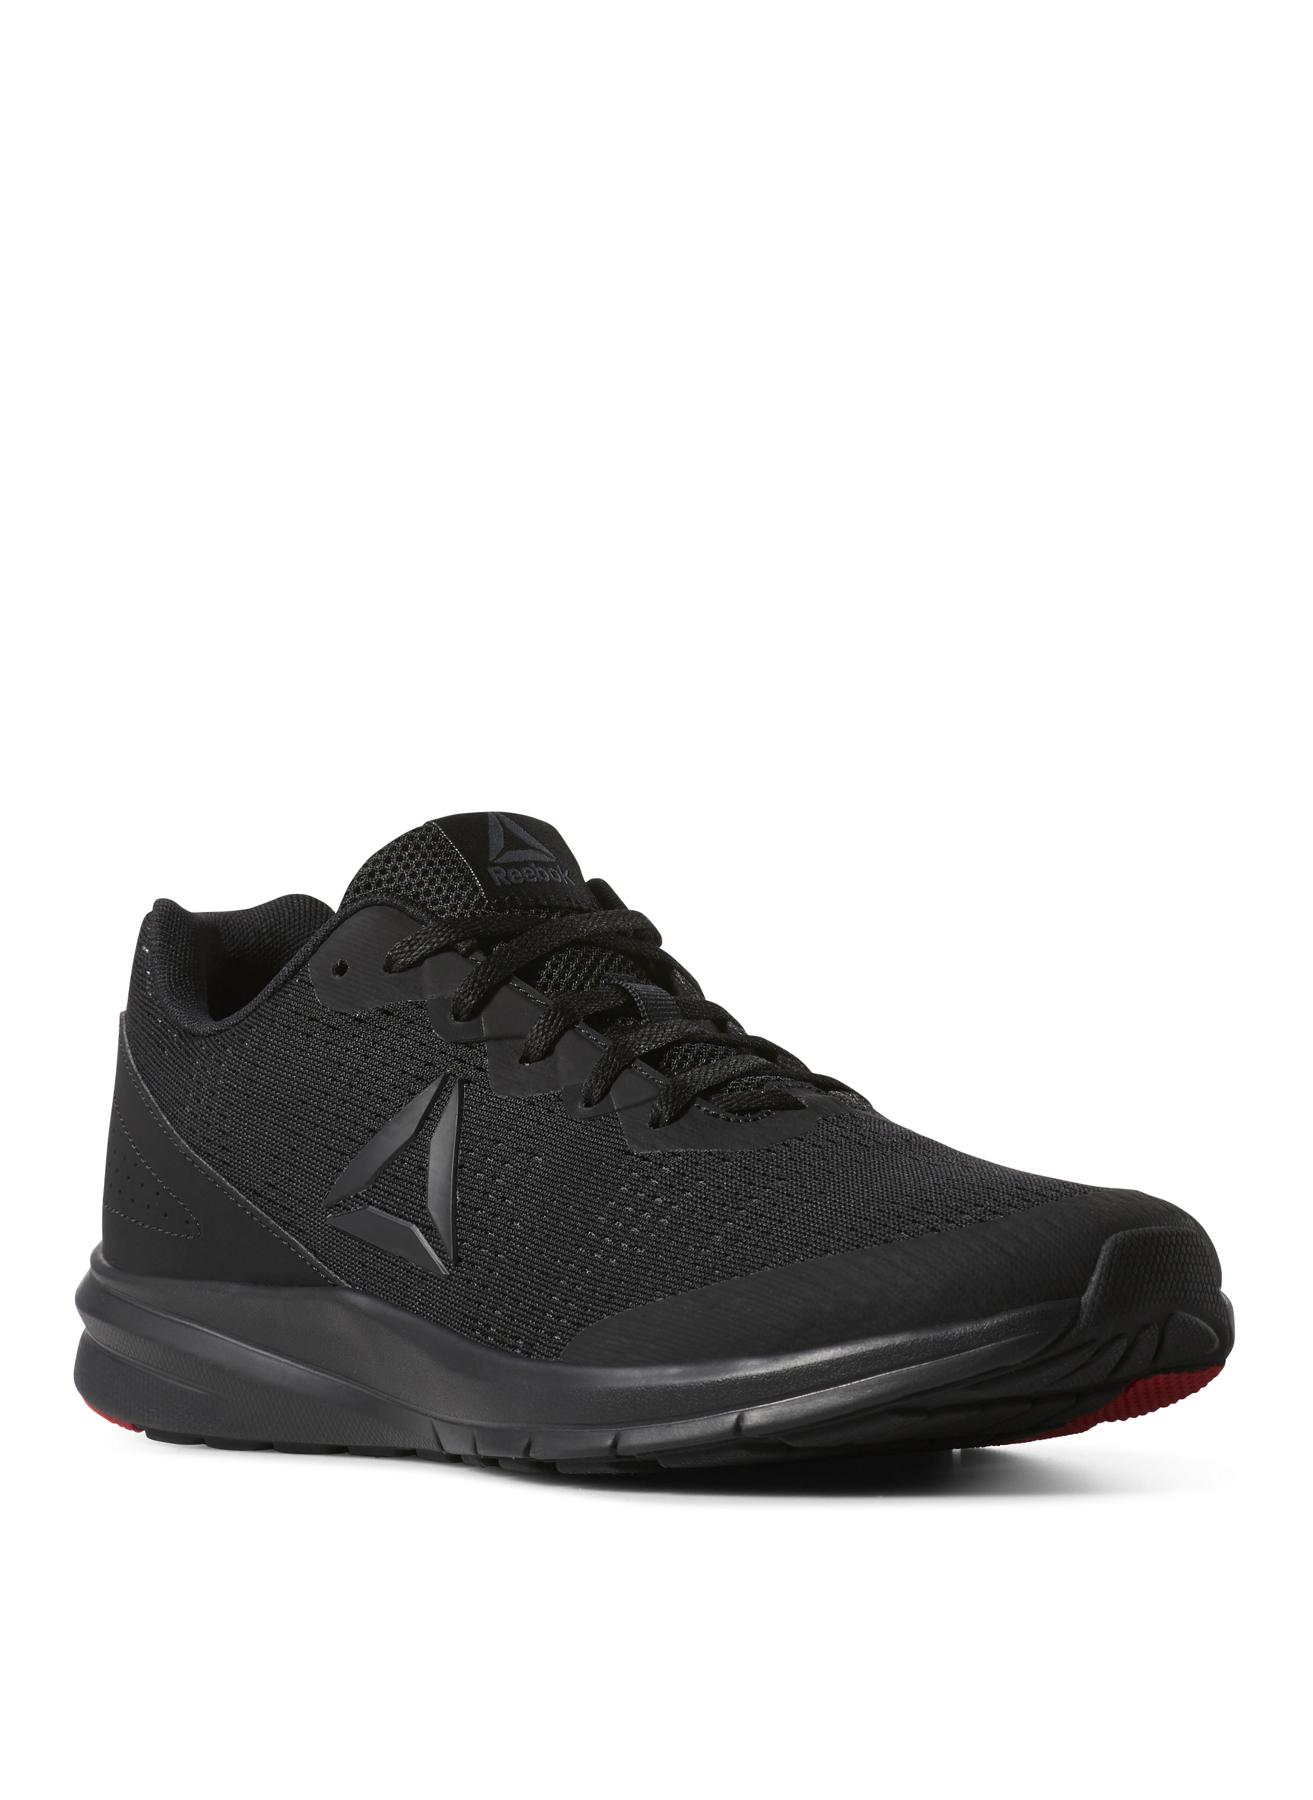 Reebok Koşu Ayakkabısı 41 5002359570002 Ürün Resmi